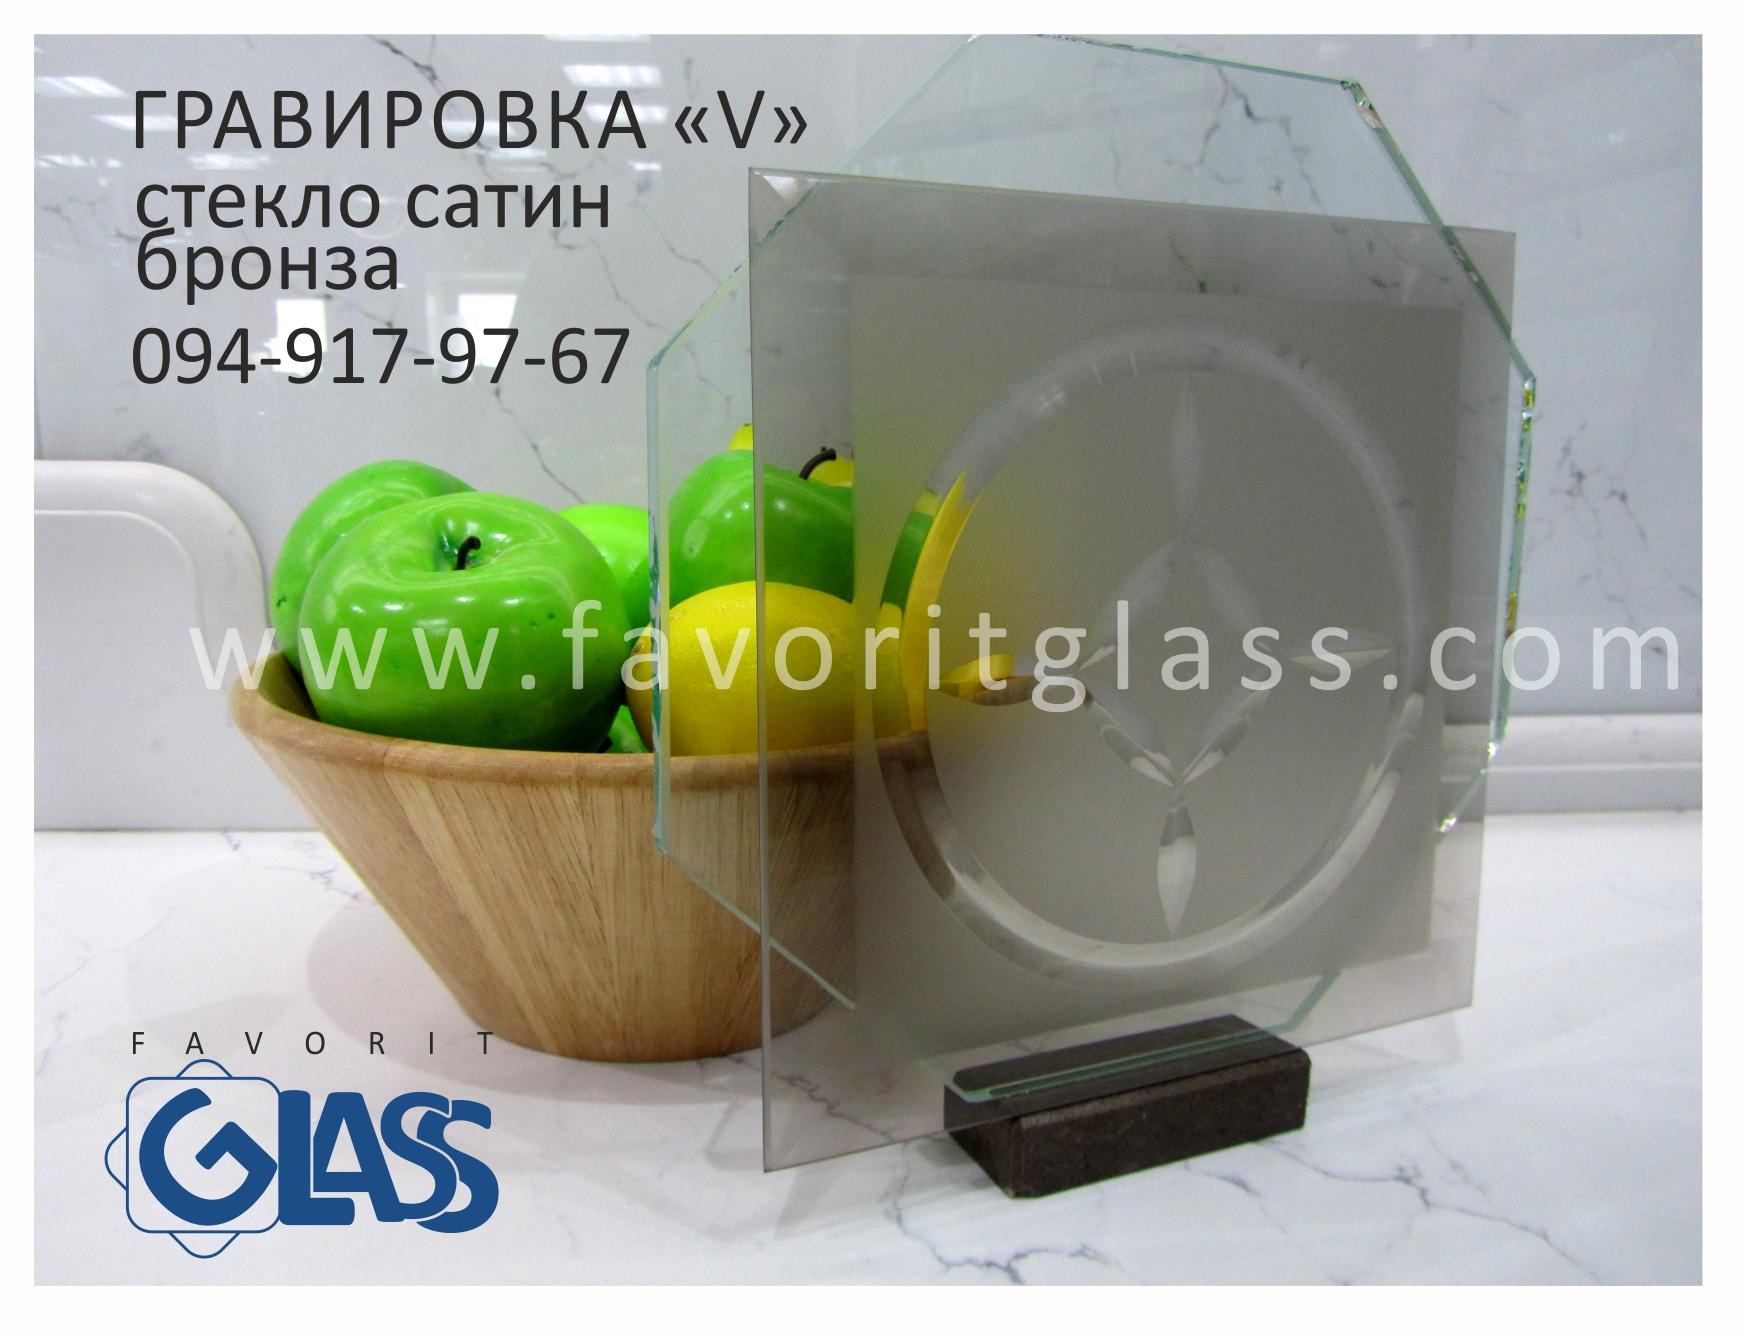 Алмазная Гравировка V на стекле сатин бр